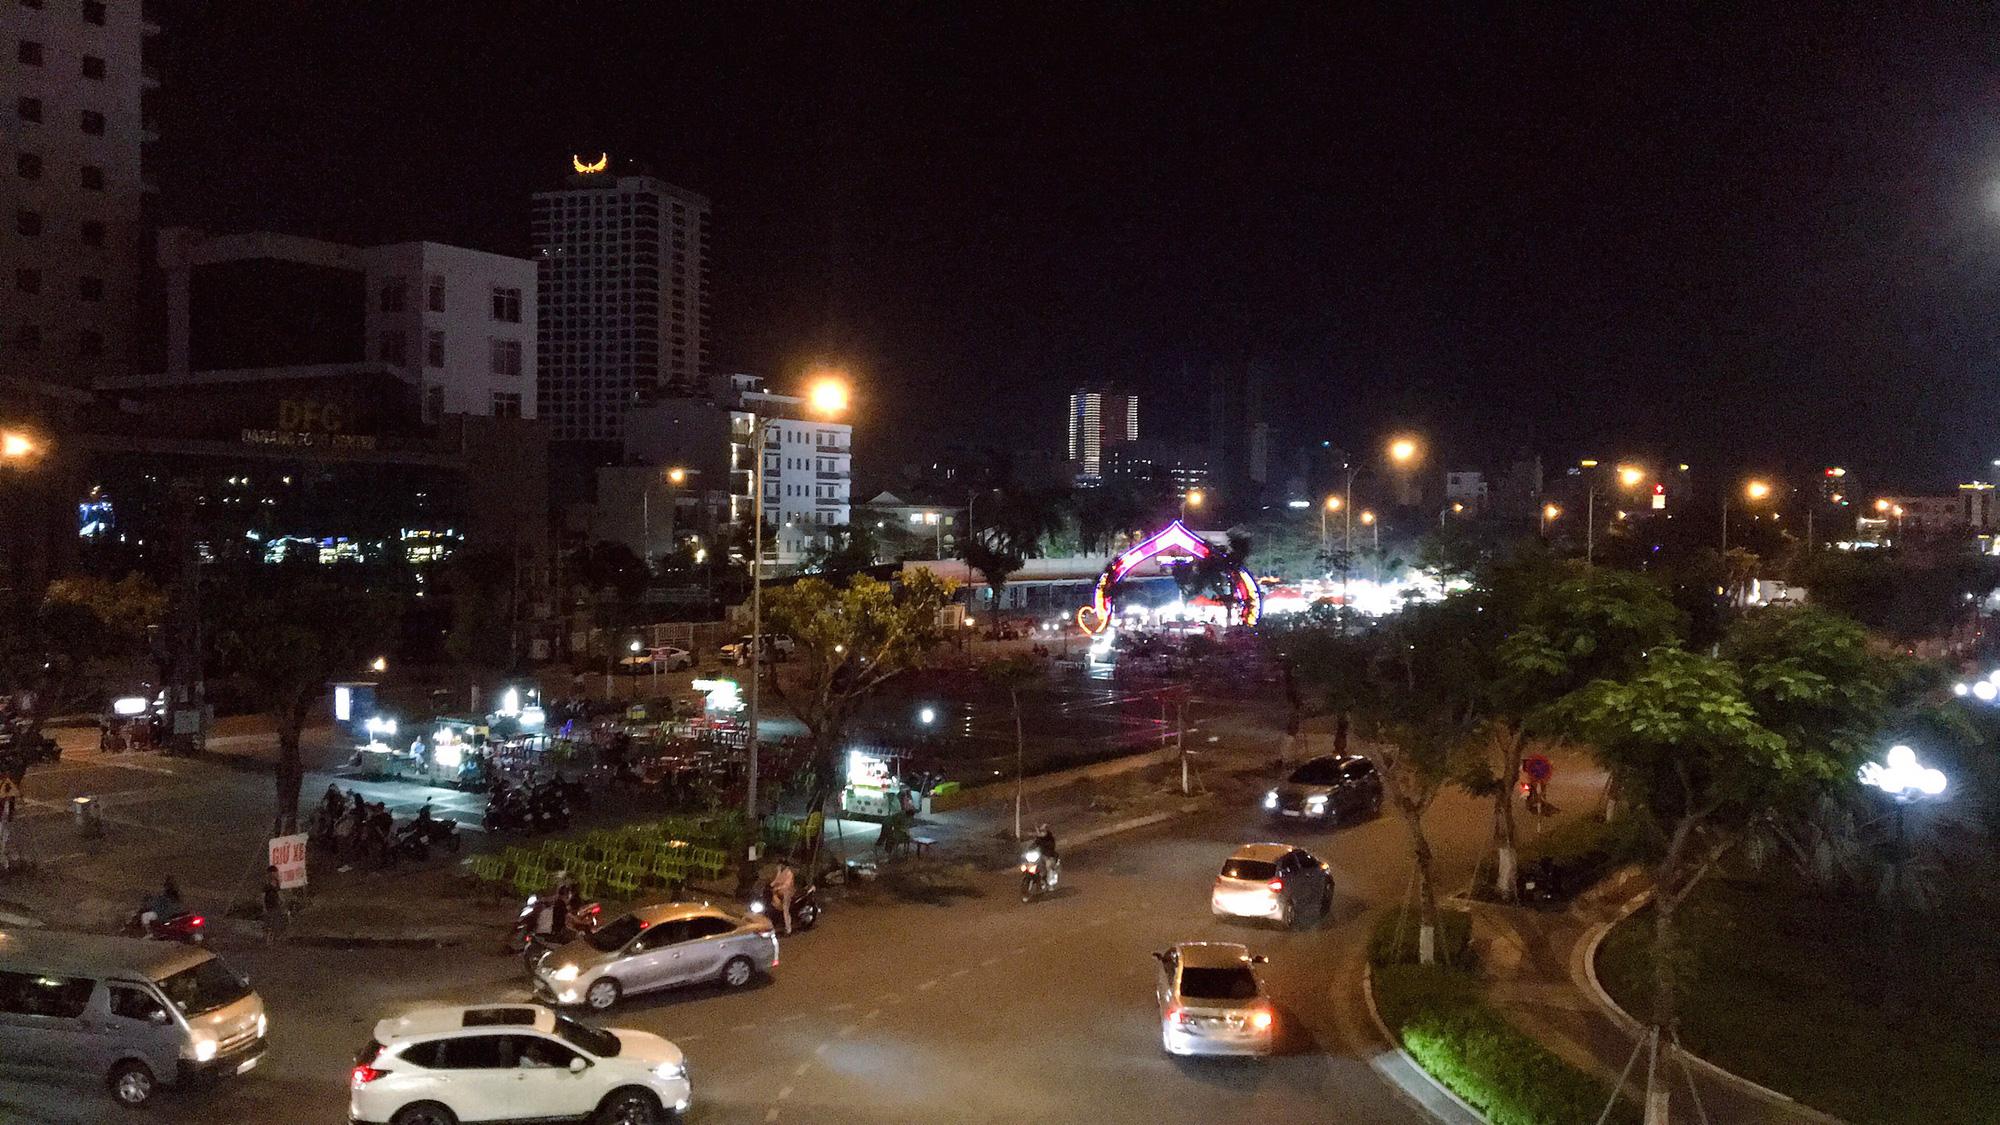 Đà Nẵng: Chợ đêm Sơn Trà – sản phẩm du lịch mới về đêm, thu hút hàng nghìn lượt khách/ngày đến tham quan mua sắm - Ảnh 2.